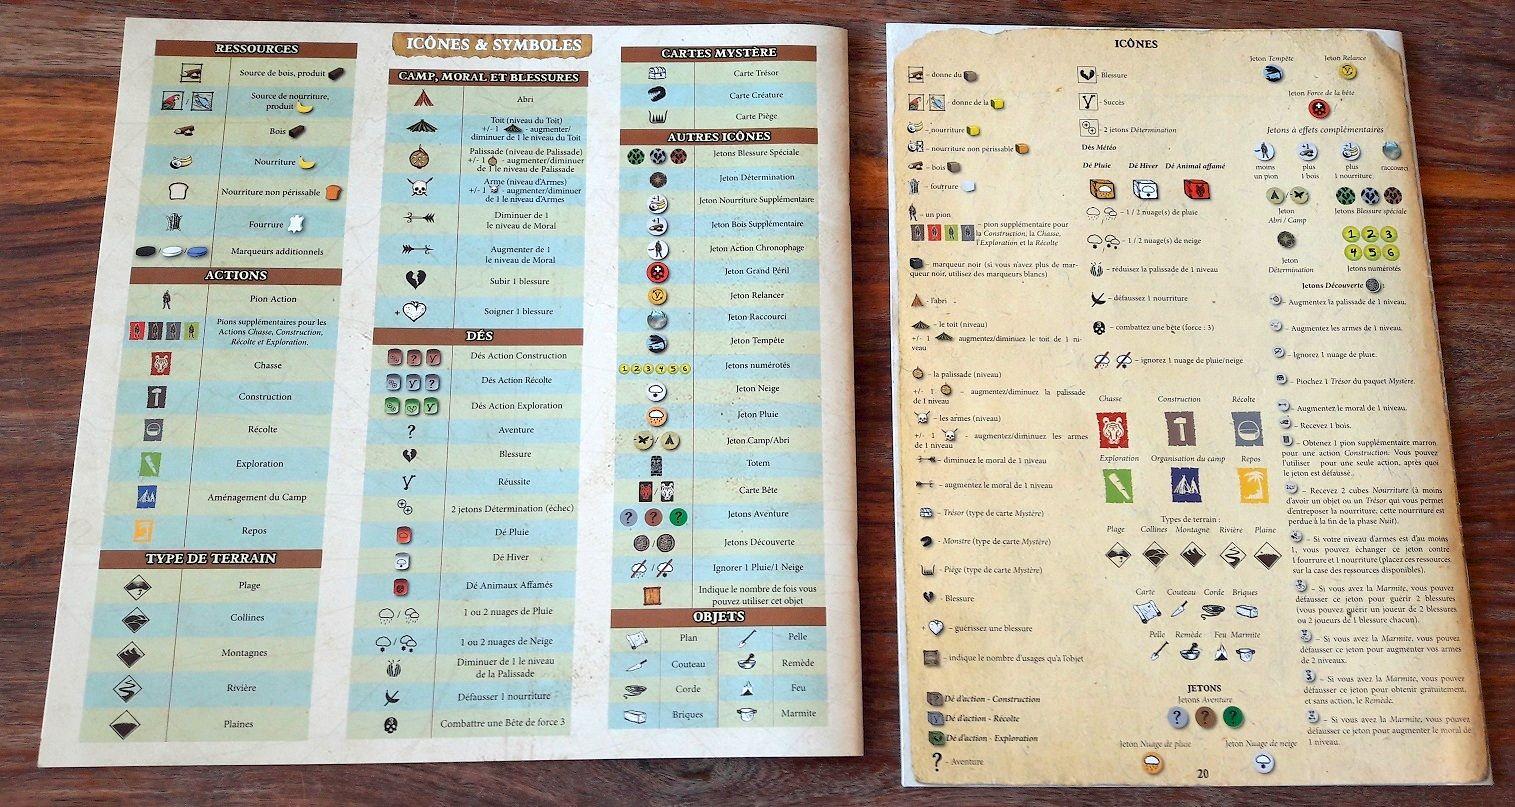 L'iconograhie a été légèrement revue mais est surtout plus lisible en cette dernière page des règles.